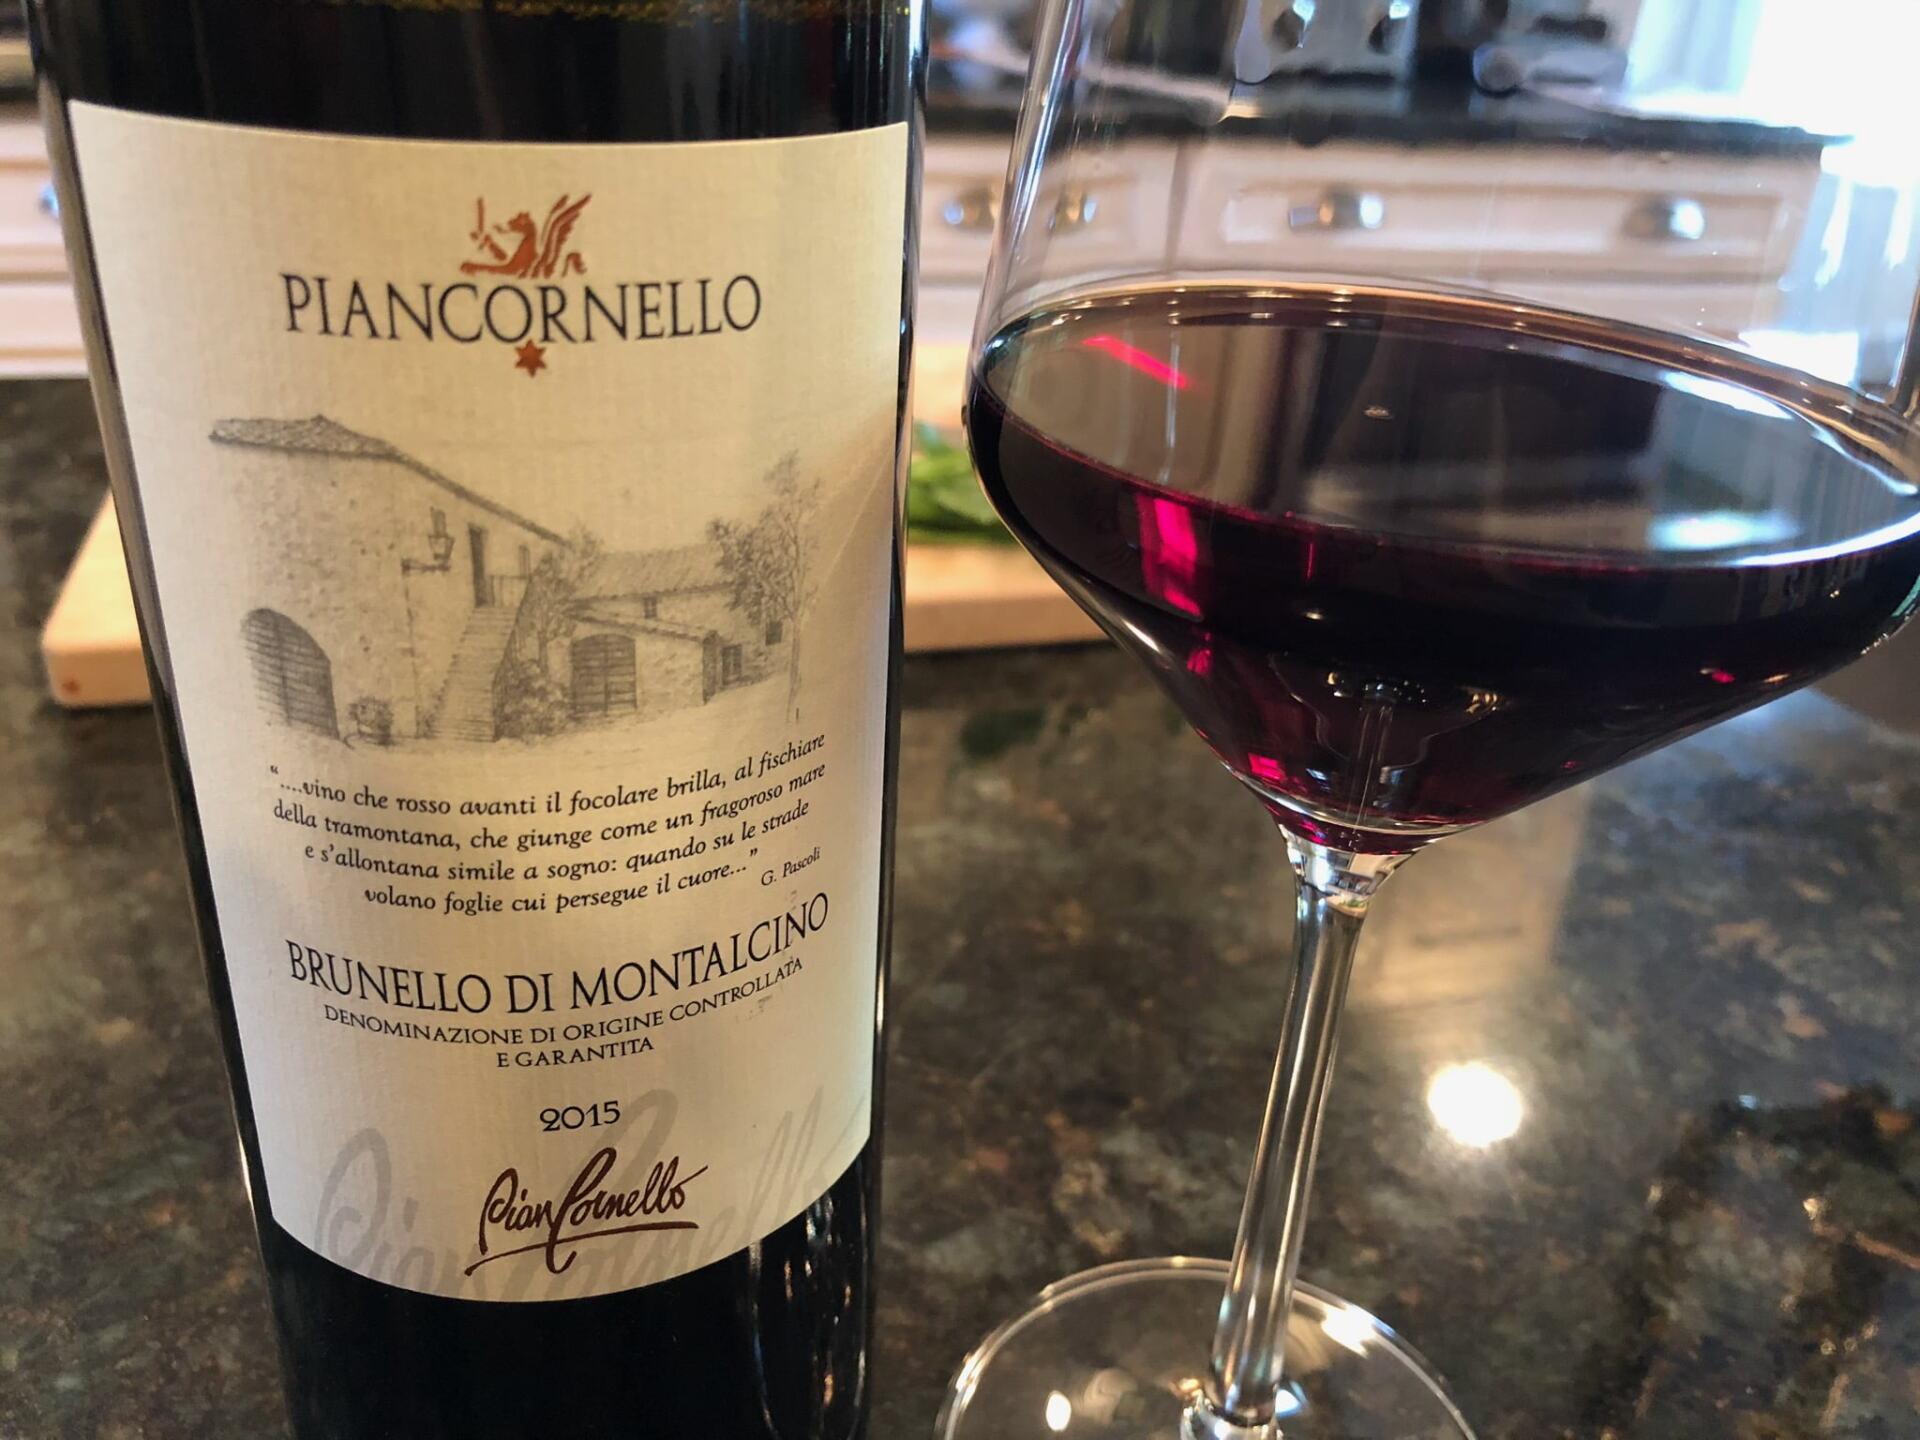 Piancornello Brunello wine in glass